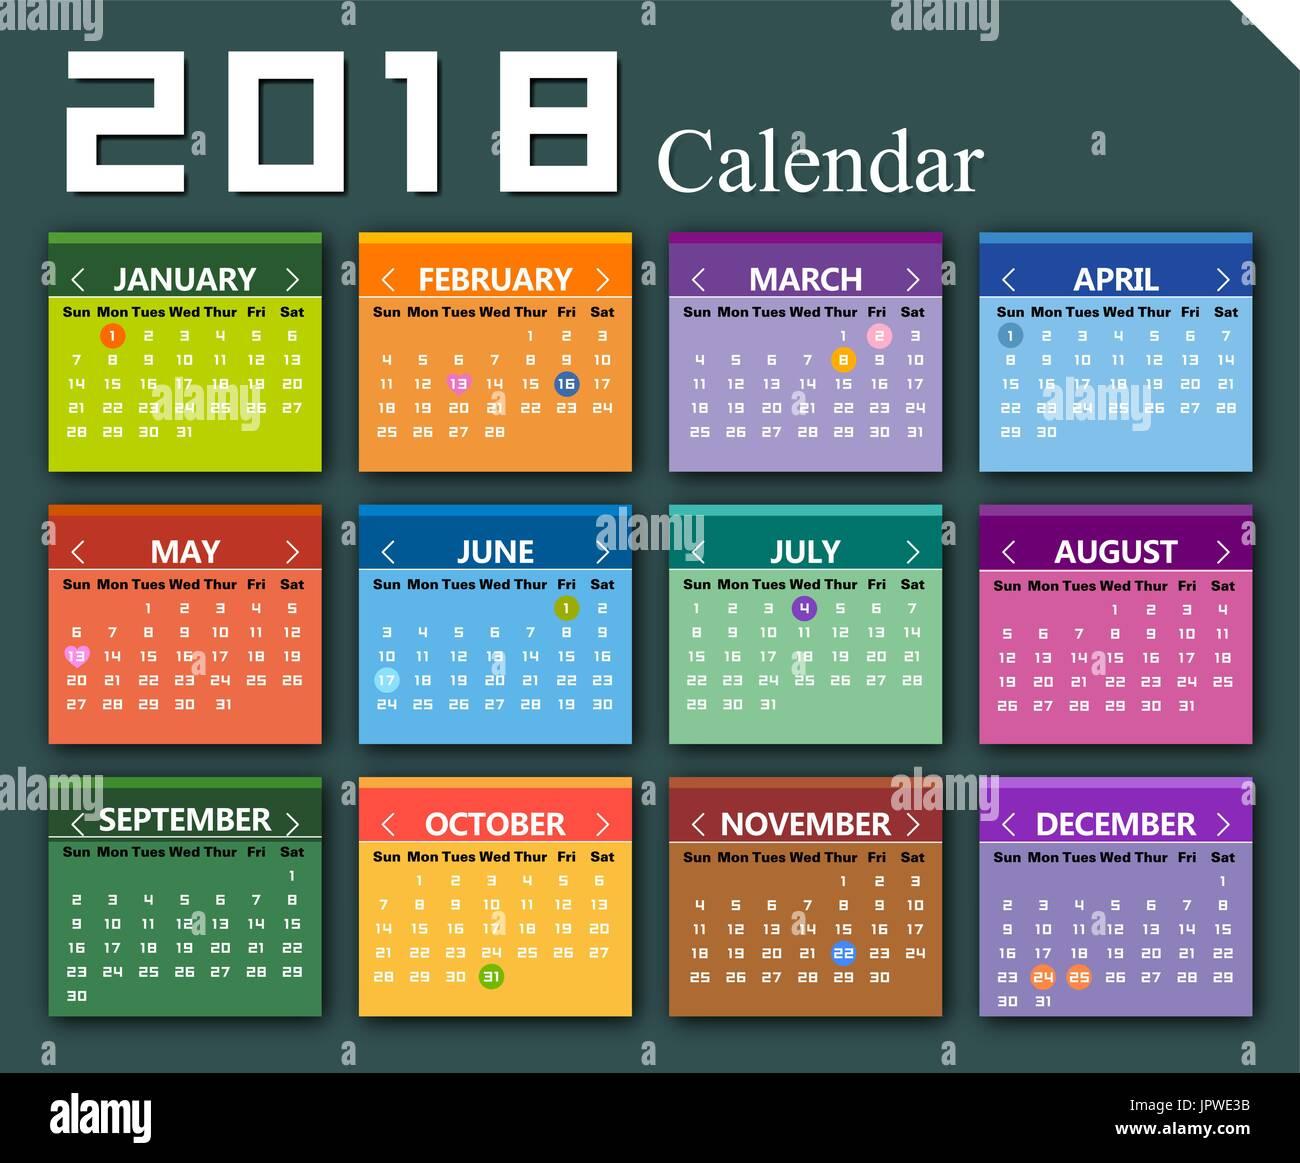 2018 Calendar Vector Stock Photos Amp 2018 Calendar Vector